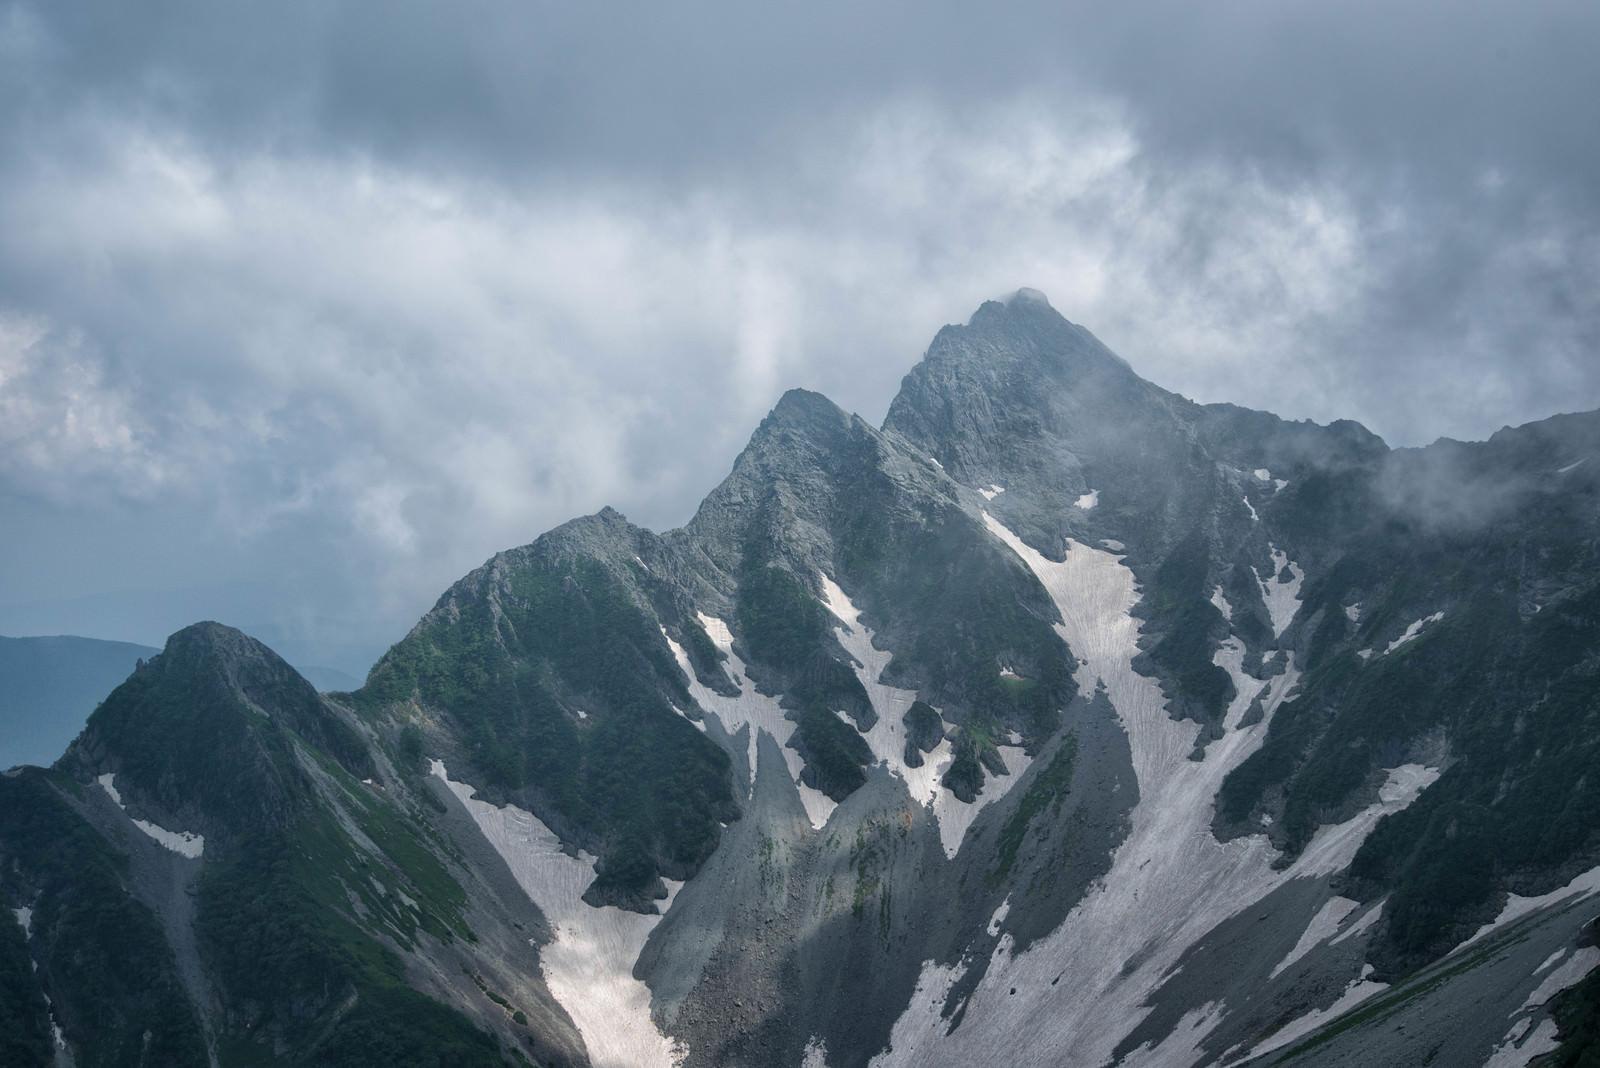 「雲間から北尾根に差し込む光(前穂高岳)」の写真